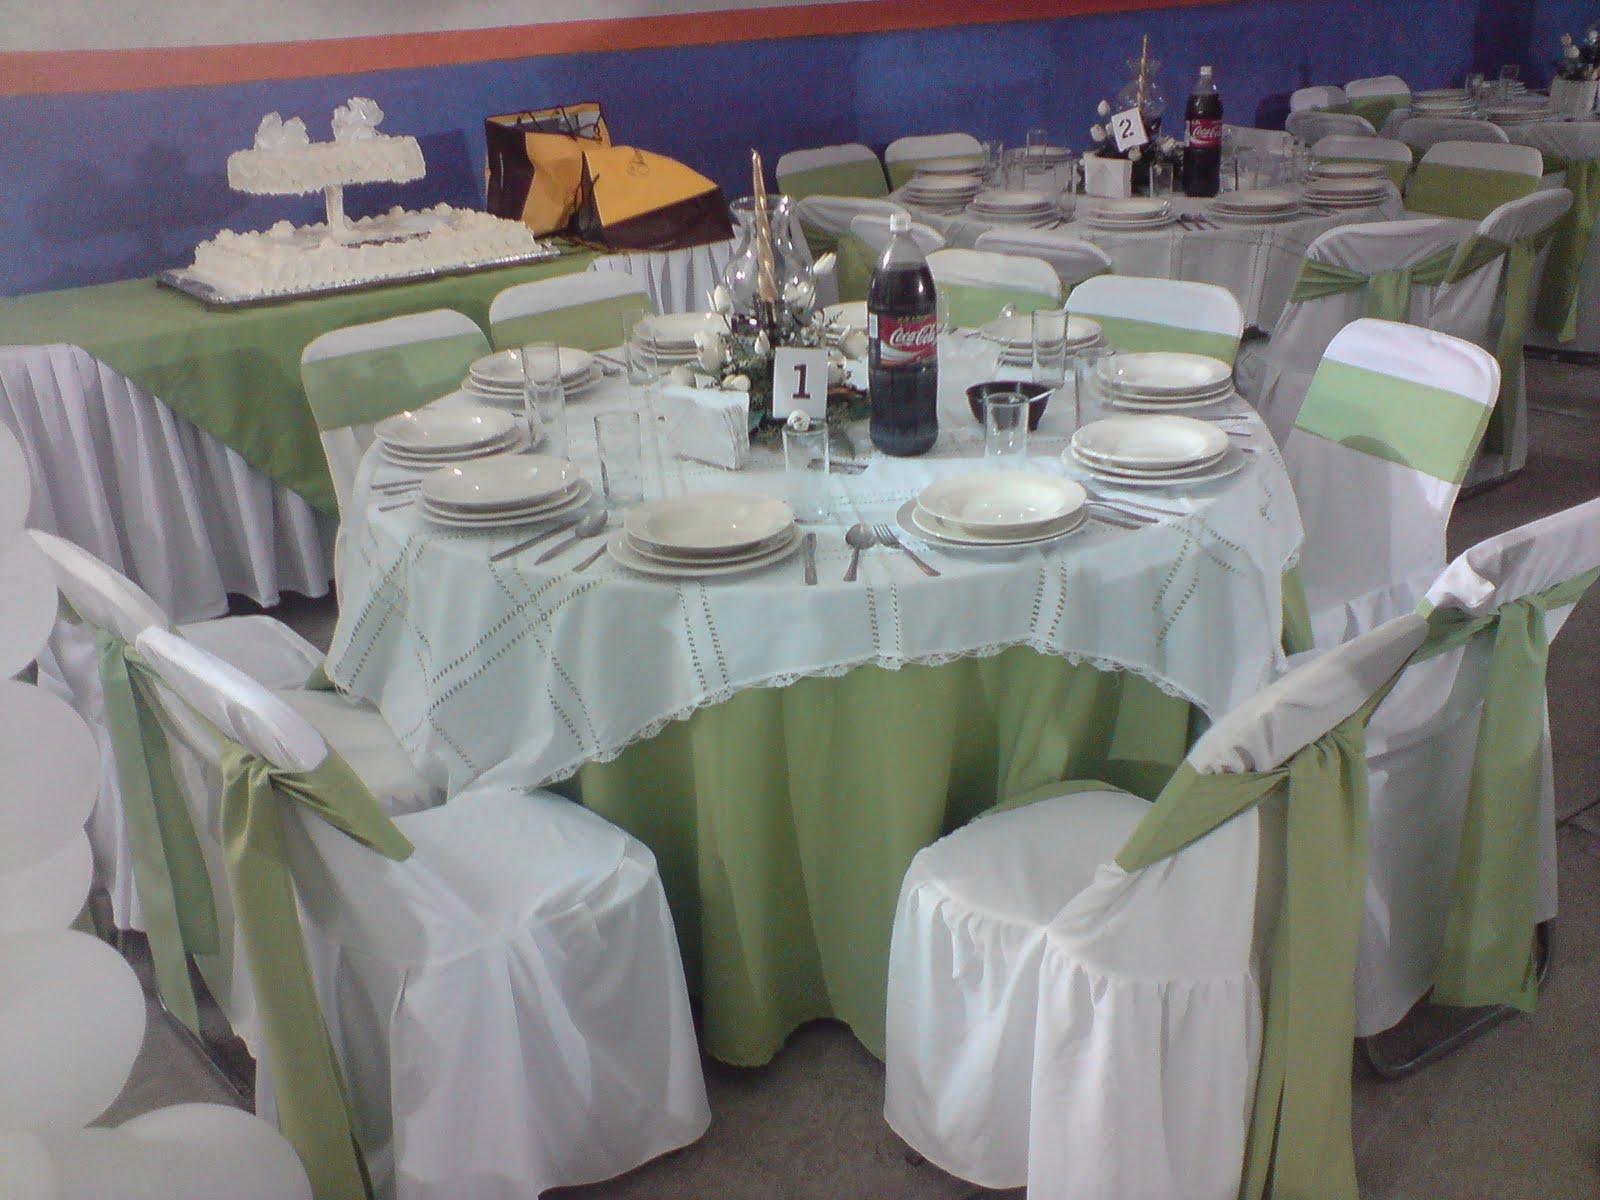 Banquetes aurest mesas - Mantel para mesa exterior ...